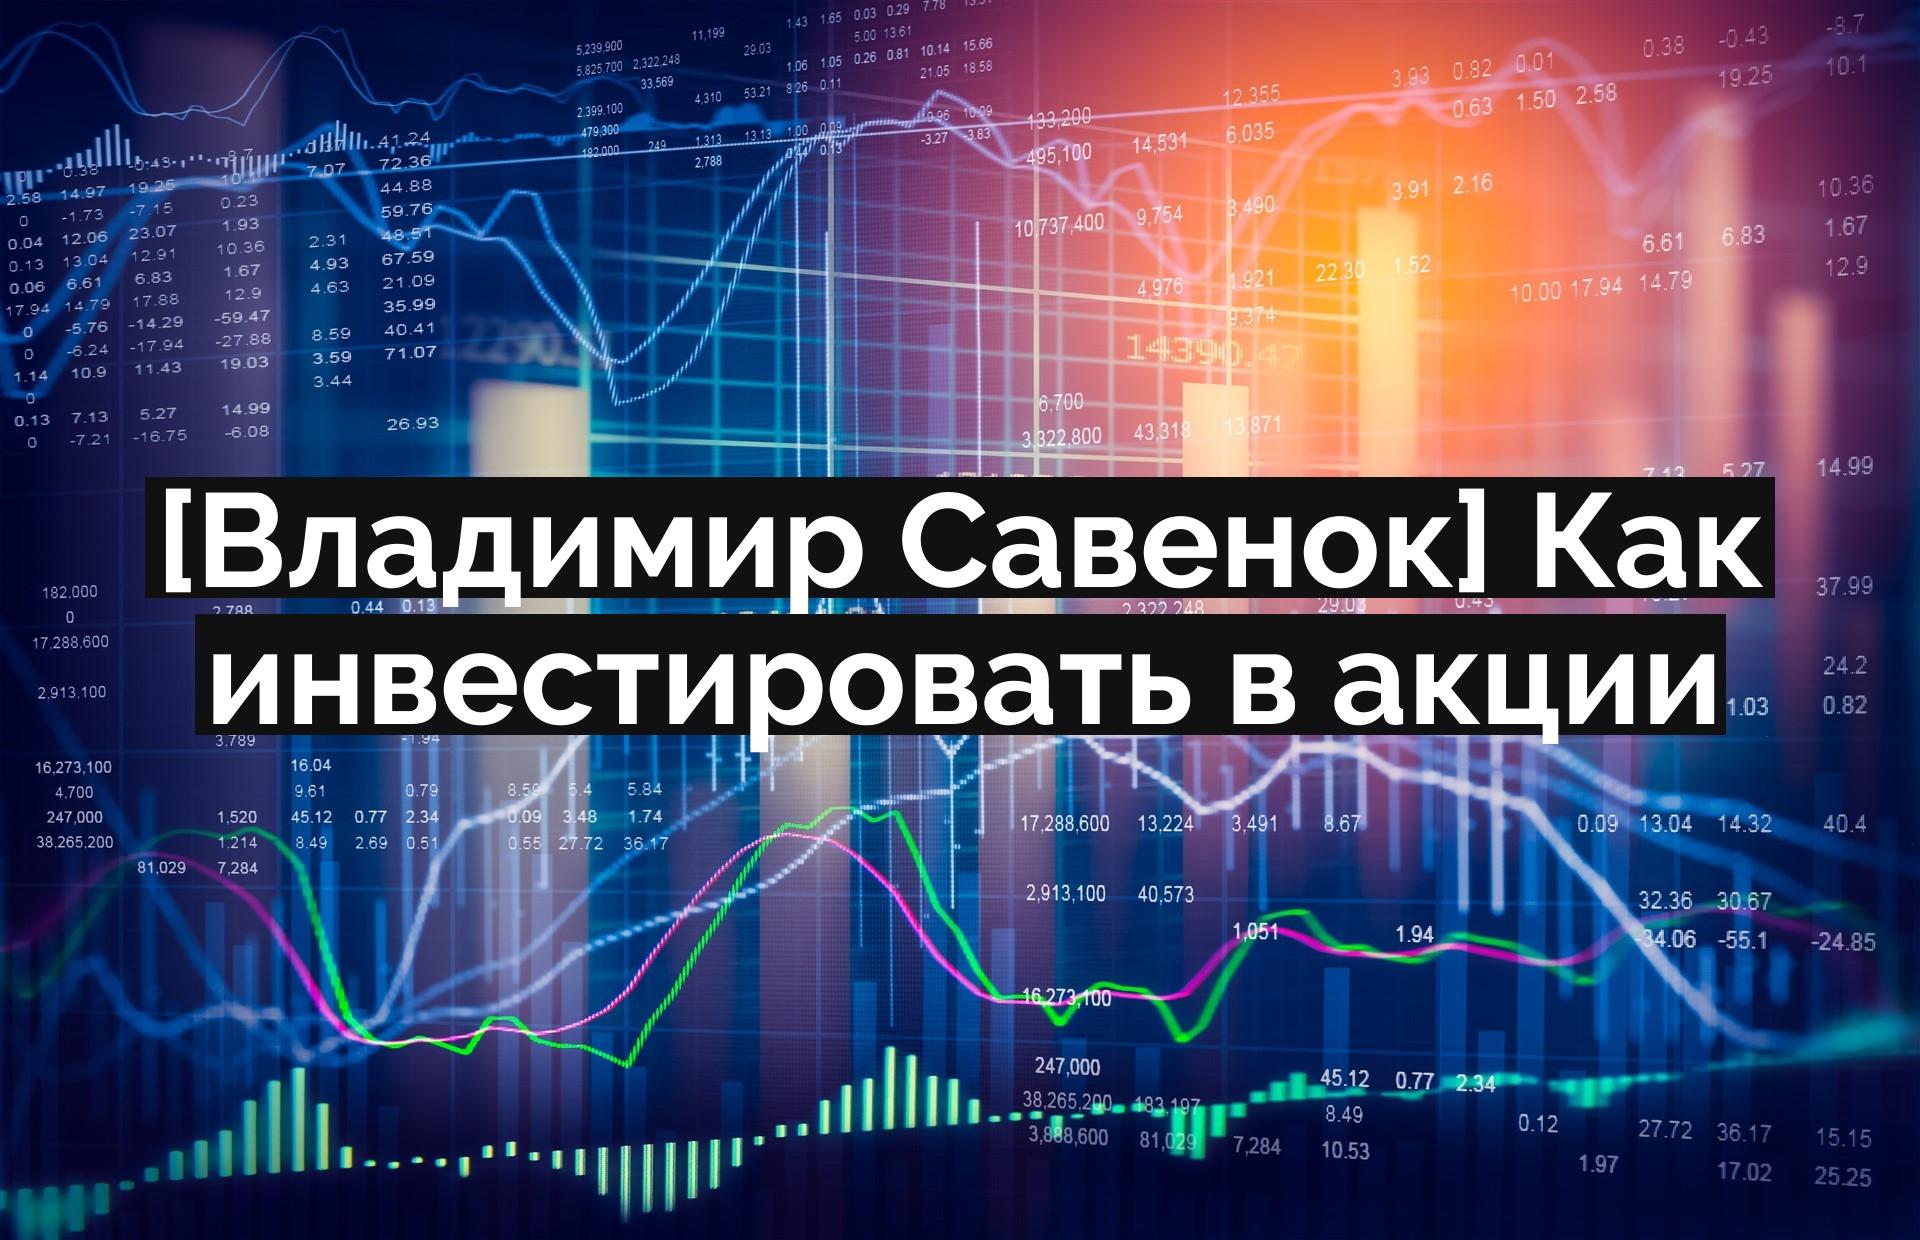 [Владимир Савенок] Как инвестировать в акции